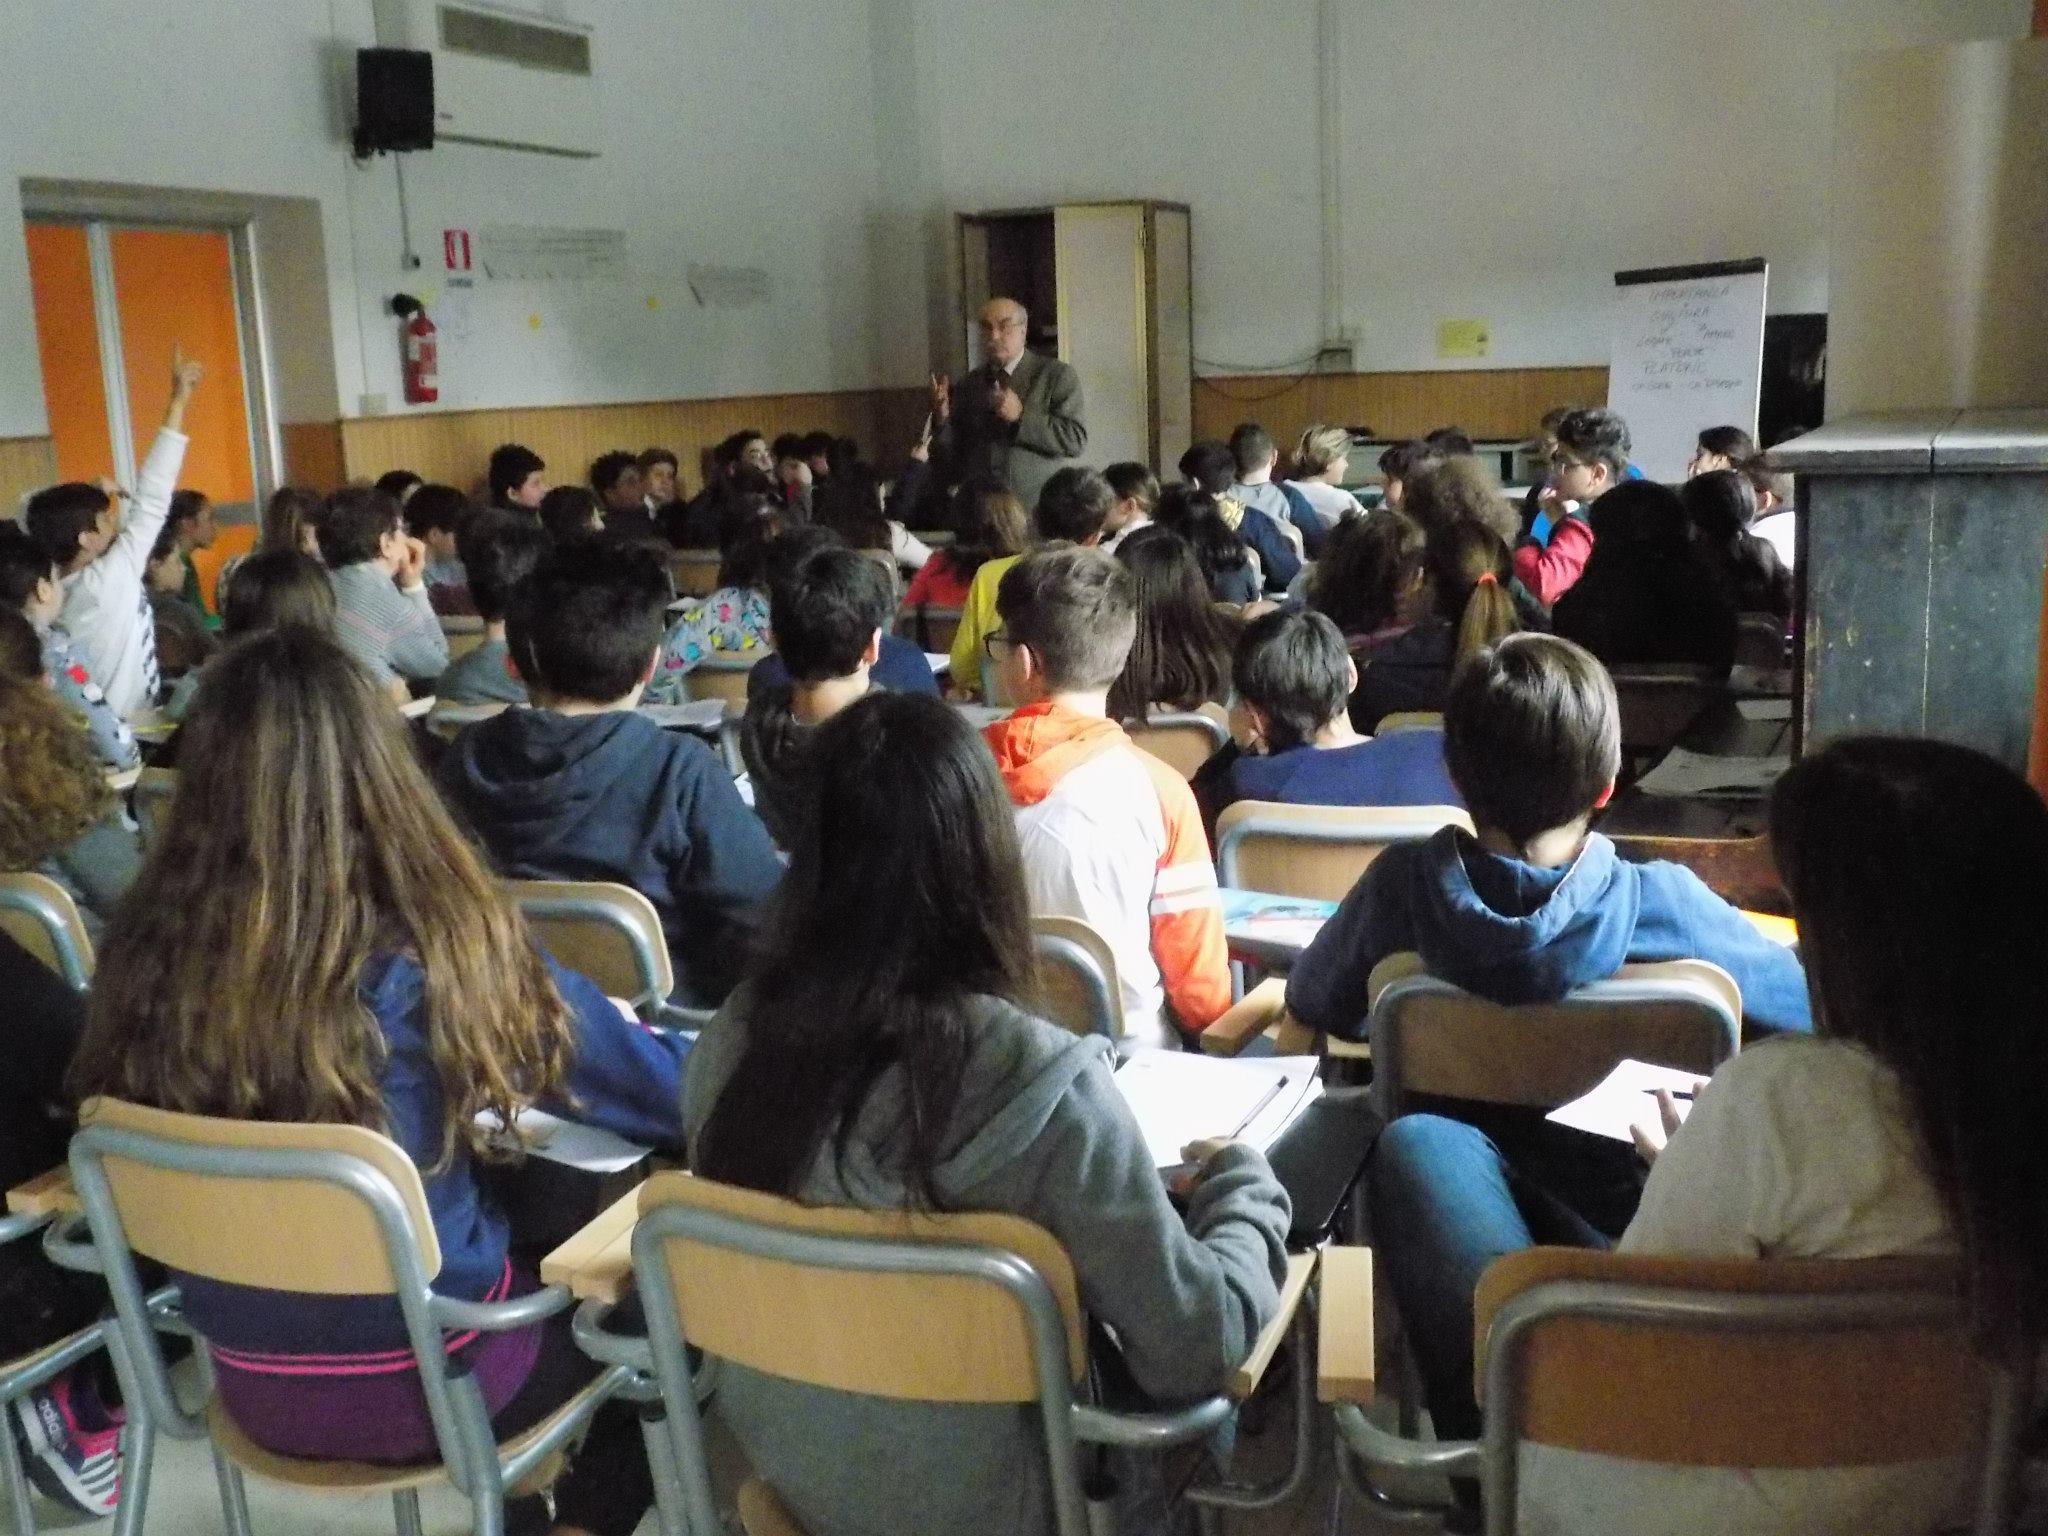 La Credenza Filosofia : La filosofia coi bambini alla u201cscottiu201d u2013 il dispari quotidiano